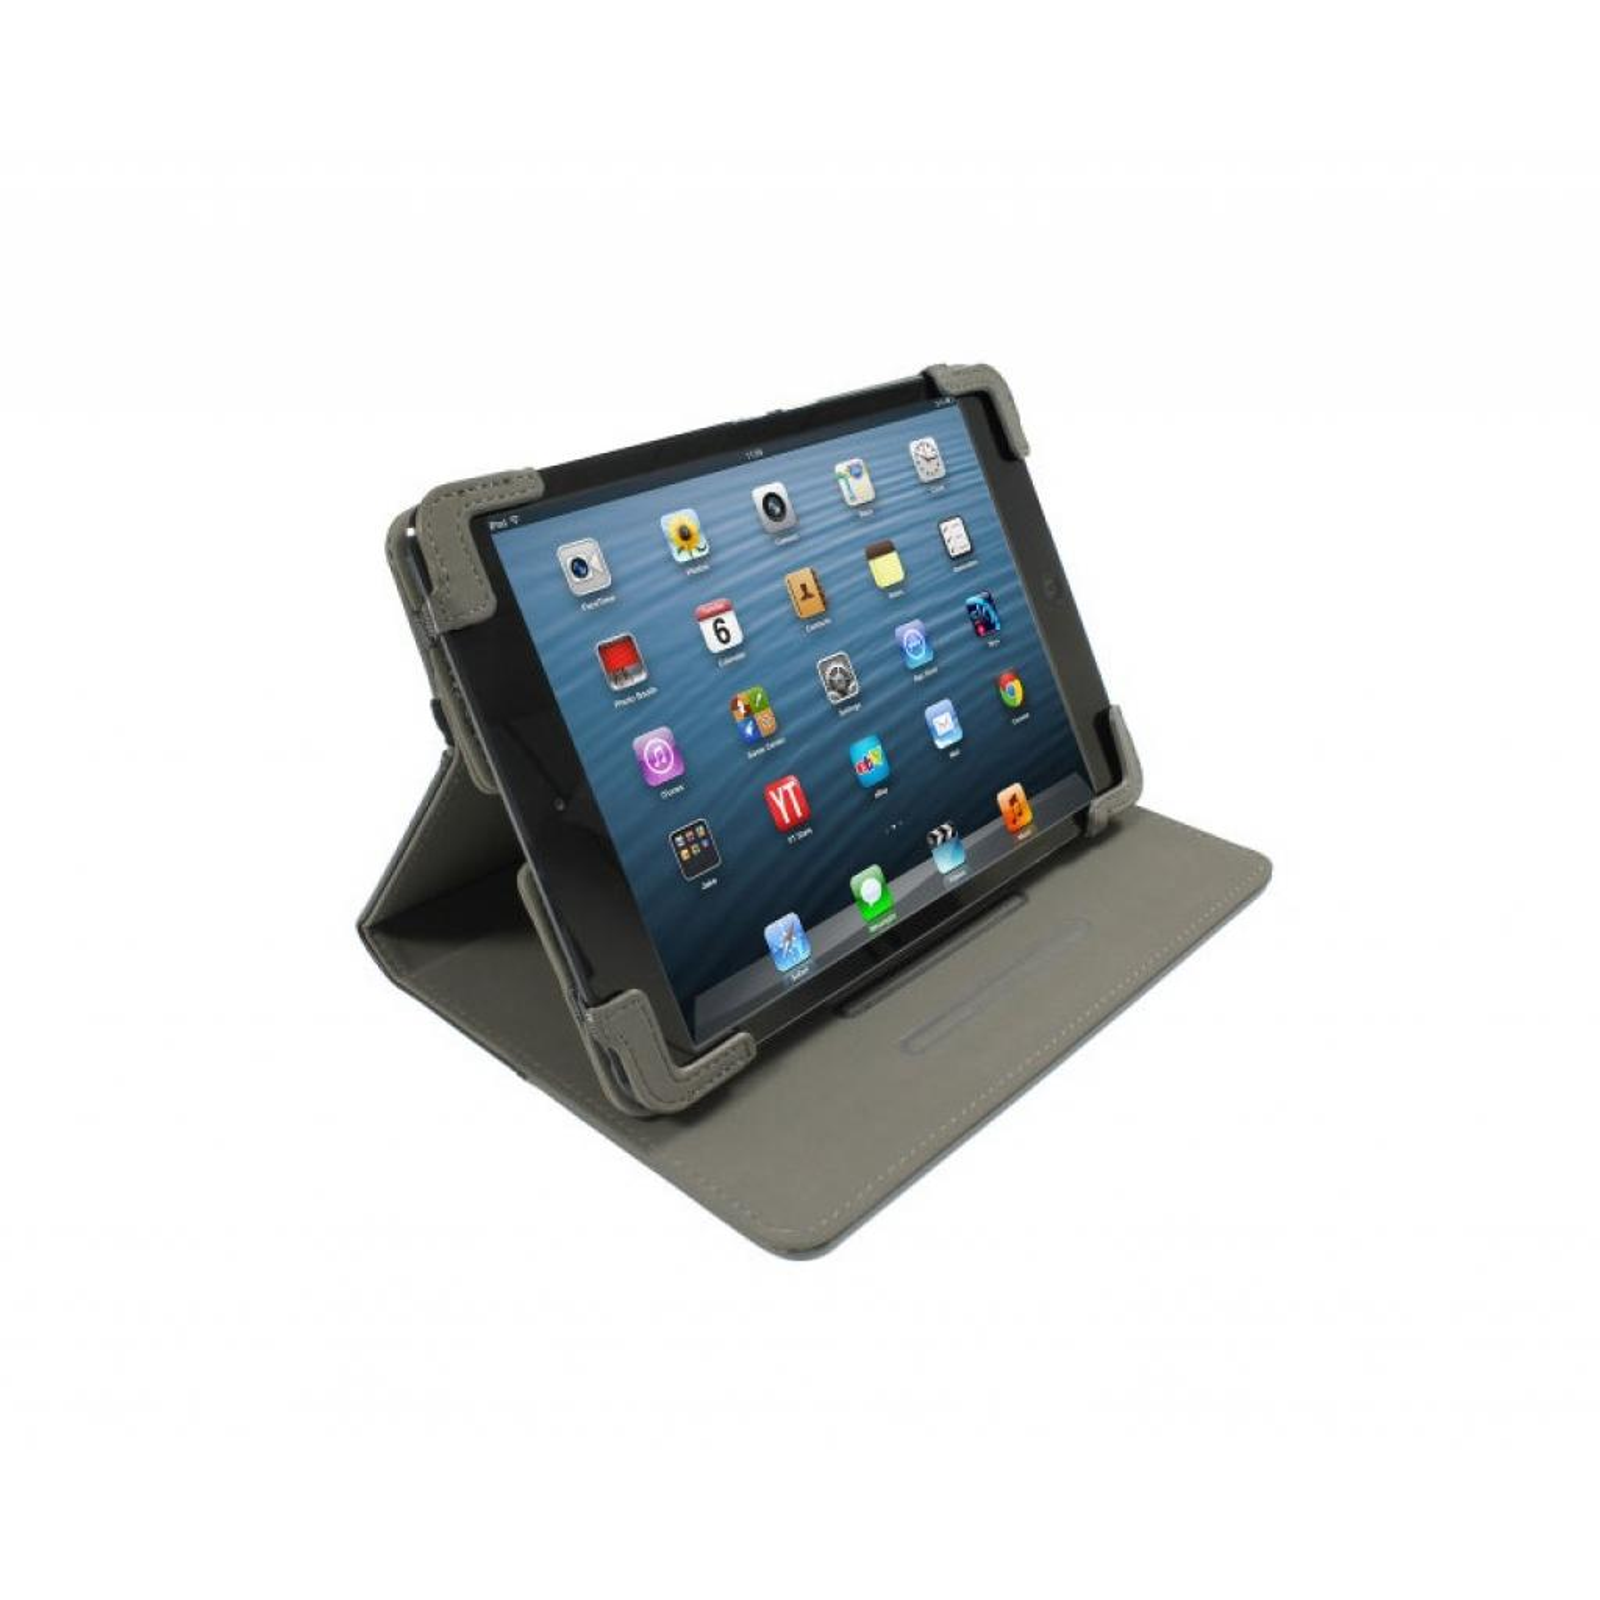 Чехол для планшета Belkin iPad mini Classic Strap Cover Stand/pink (F7N037vfC01) изображение 2